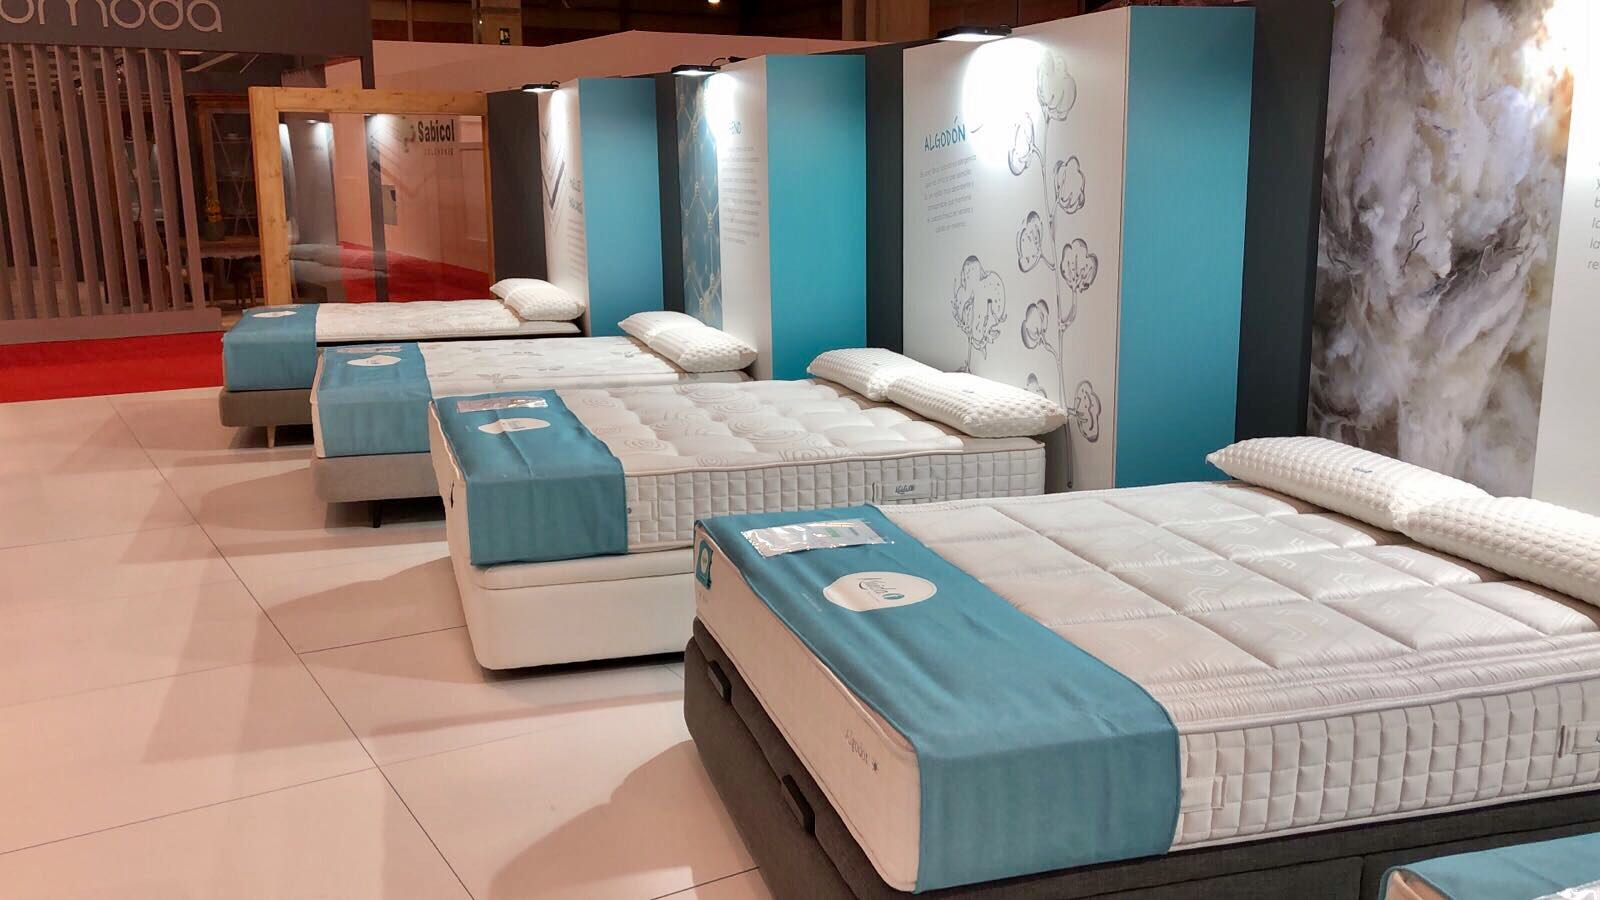 Feria Del Mueble Good Muebles Hurtado Feria Del Mueble En El Mes  # Muebles Hurtado